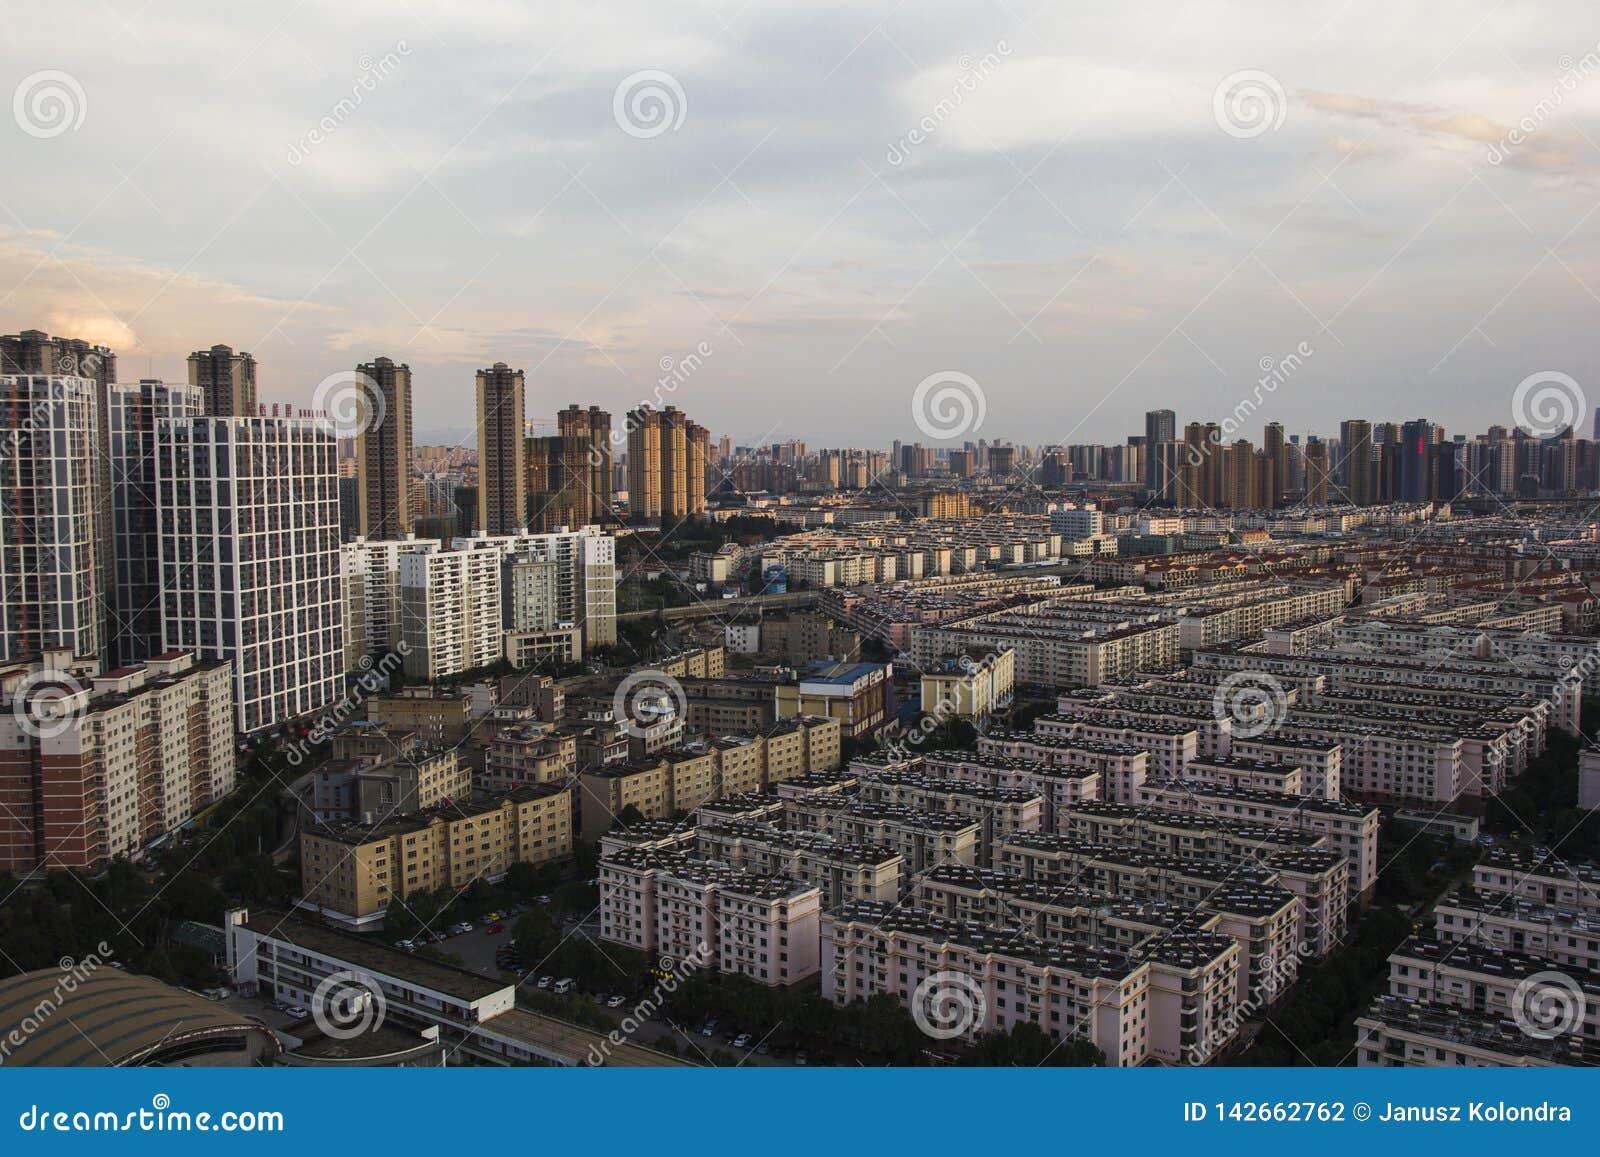 Ciudad de Kunming, capital de la provincia de Yunnan en China